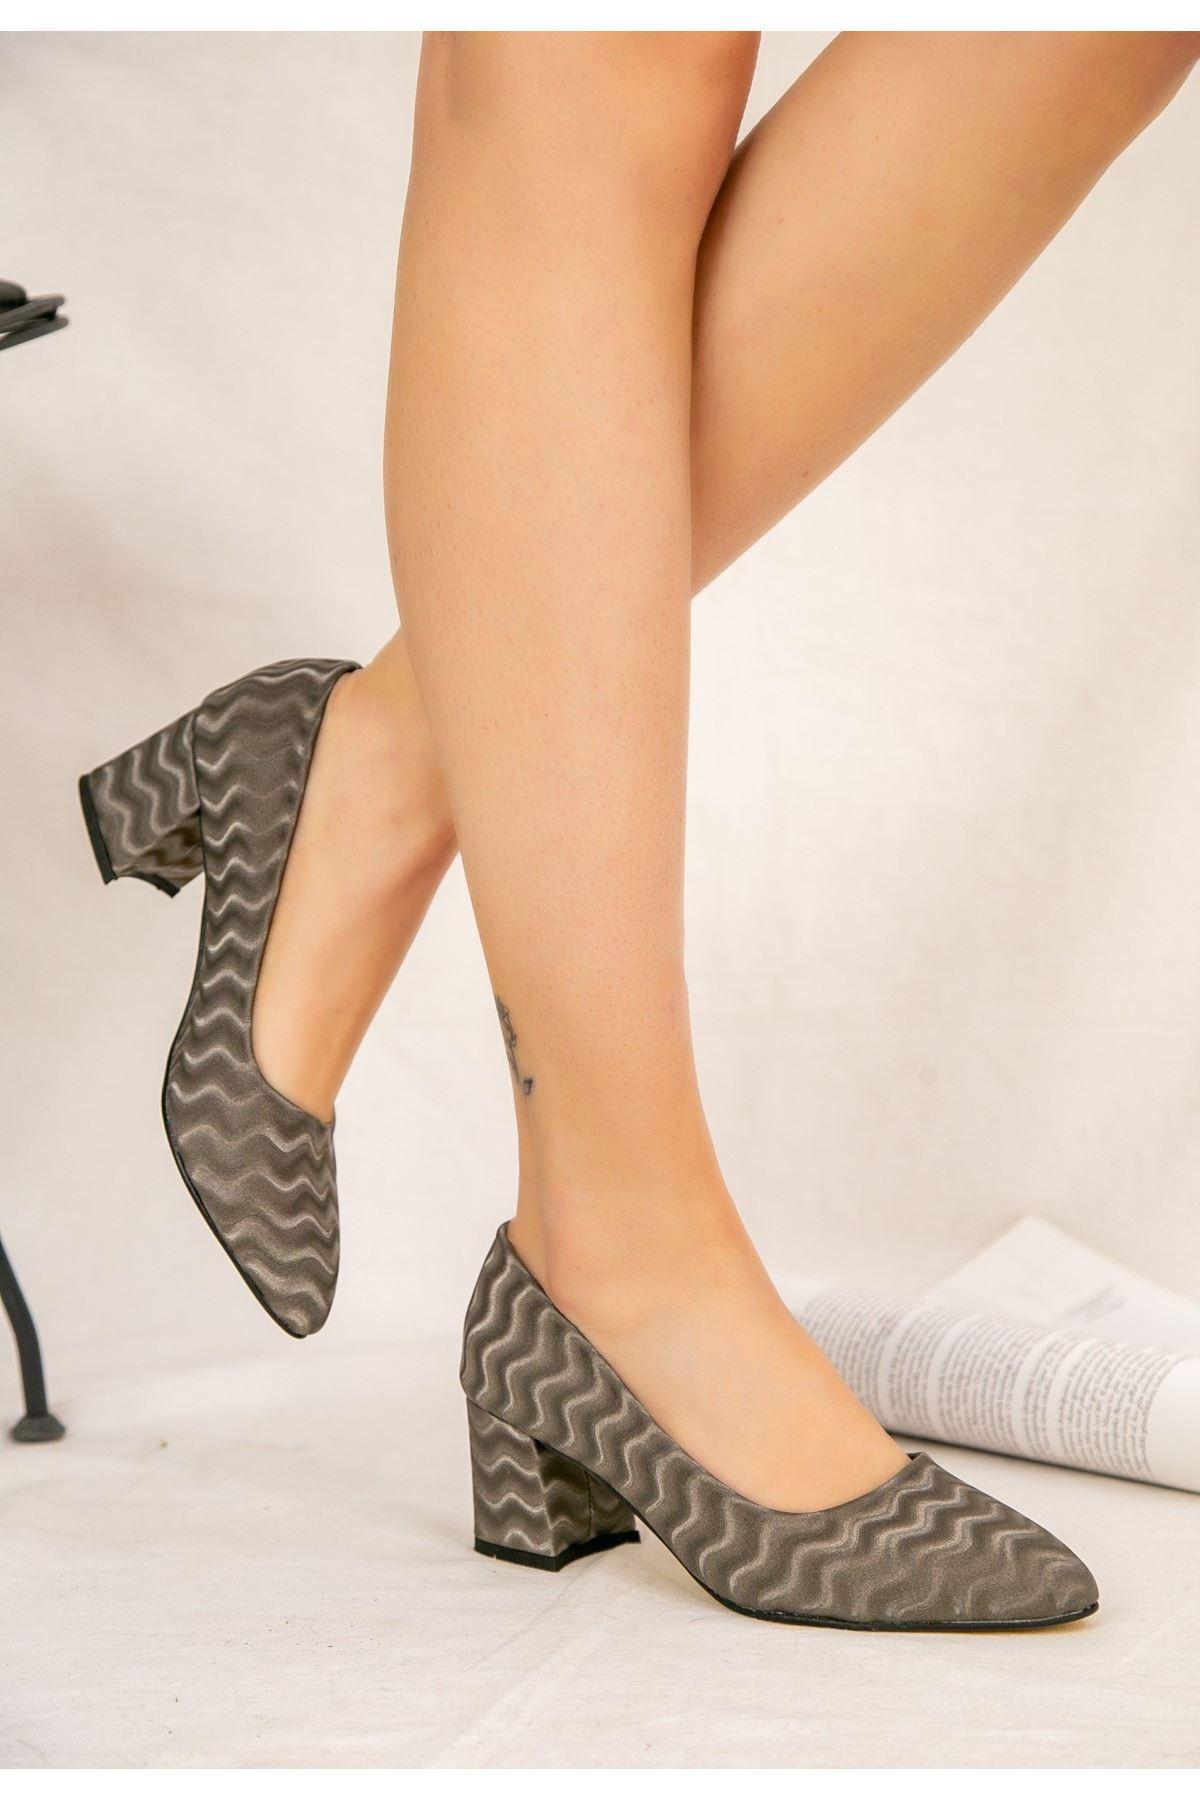 Ziori Füme Süet Desenli Topuklu Ayakkabı